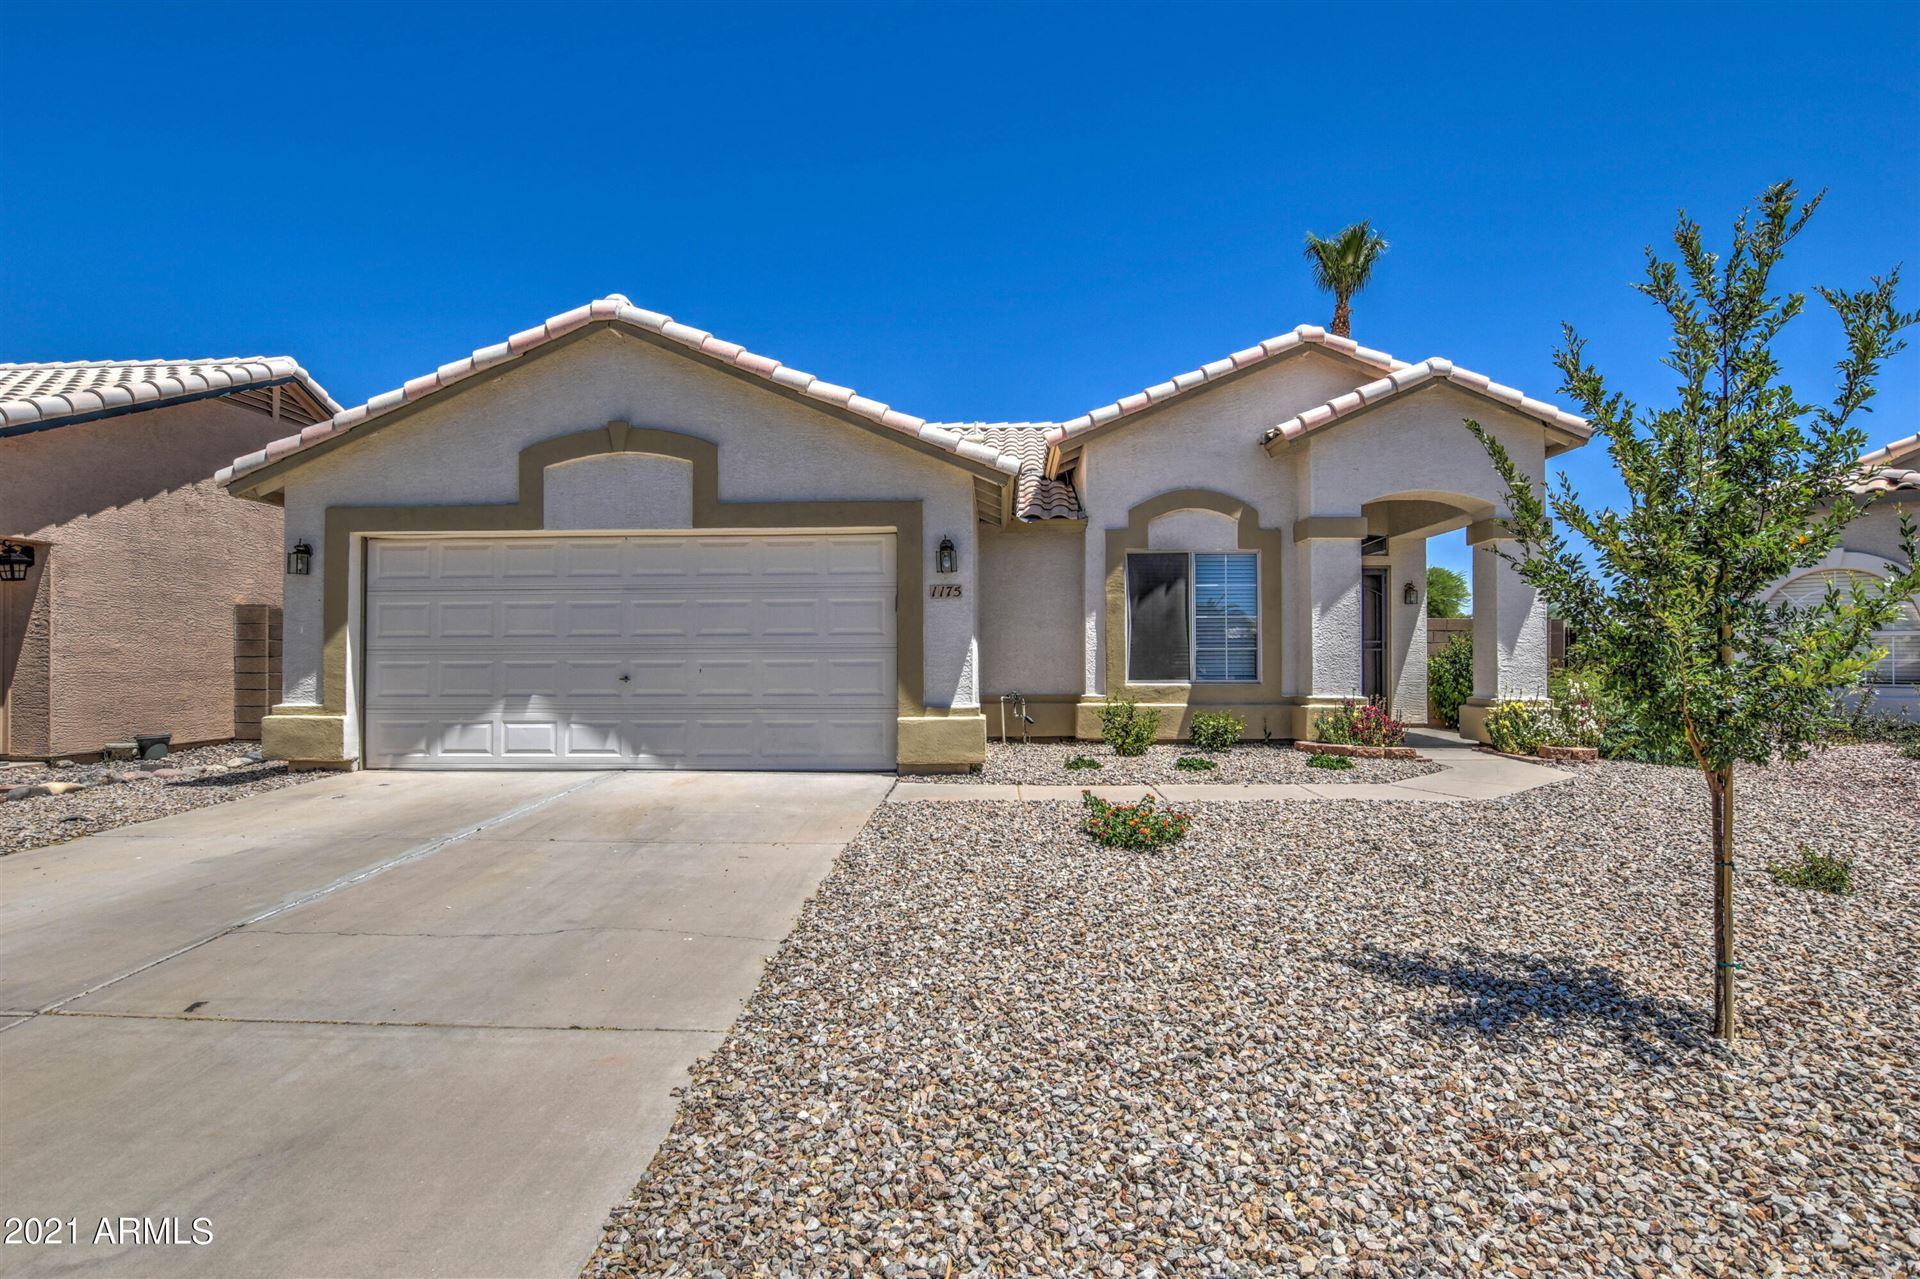 1175 S LARKSPUR Street, Gilbert, AZ 85296 - MLS#: 6229922